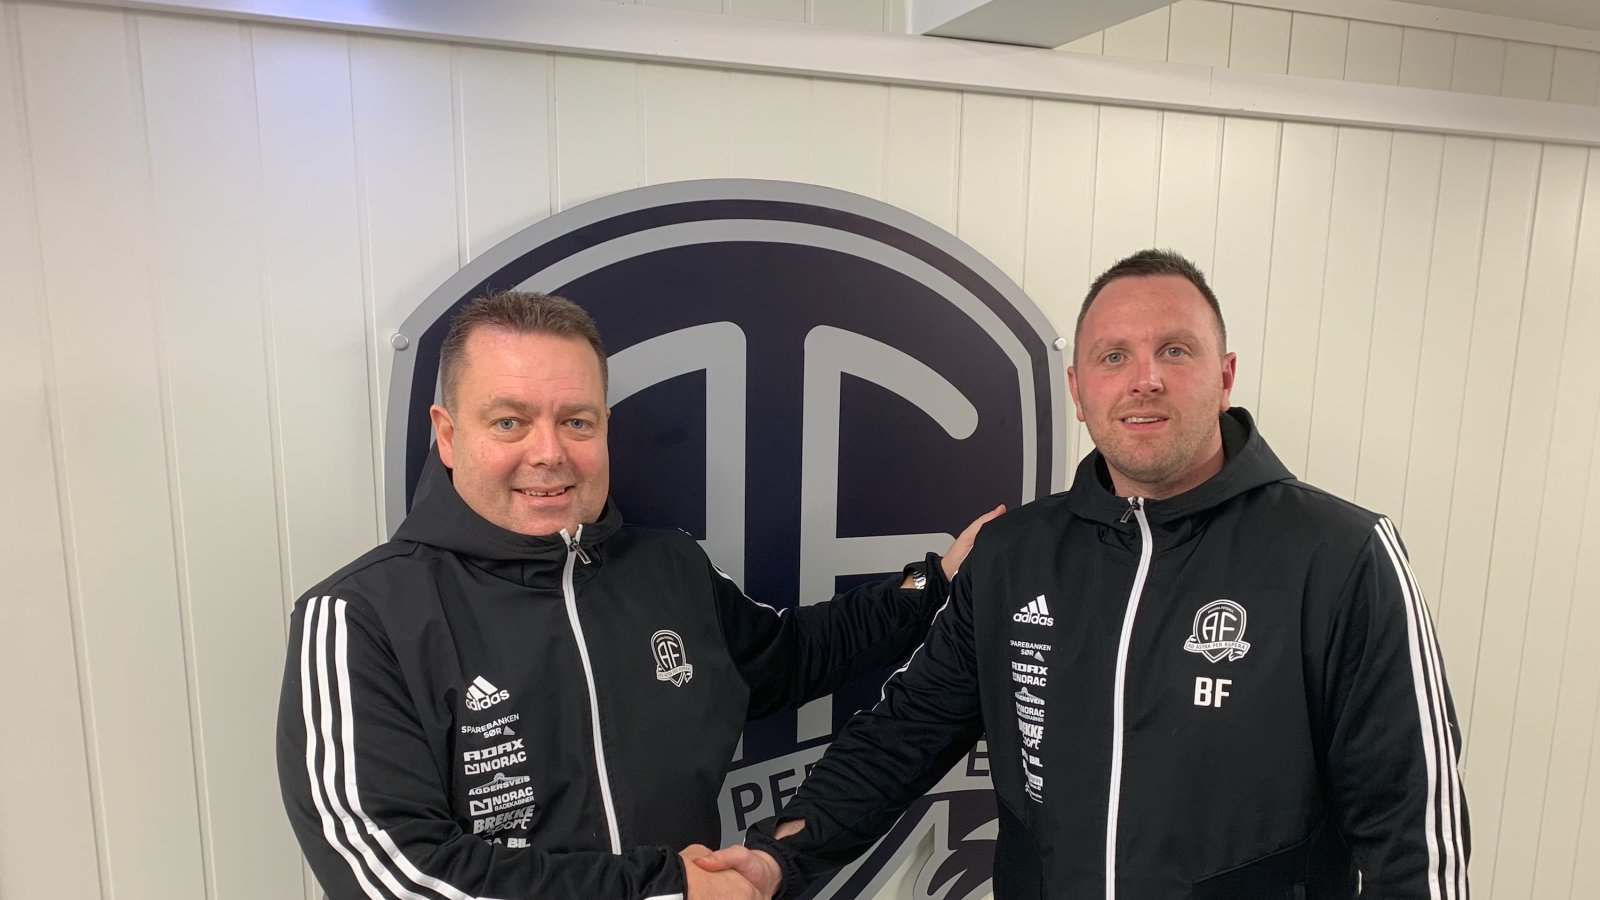 Daglig leder Bård Sterk-Hansen ønsker Bjørge Fedje velkommen som keepertrener i Arendal Fotball.